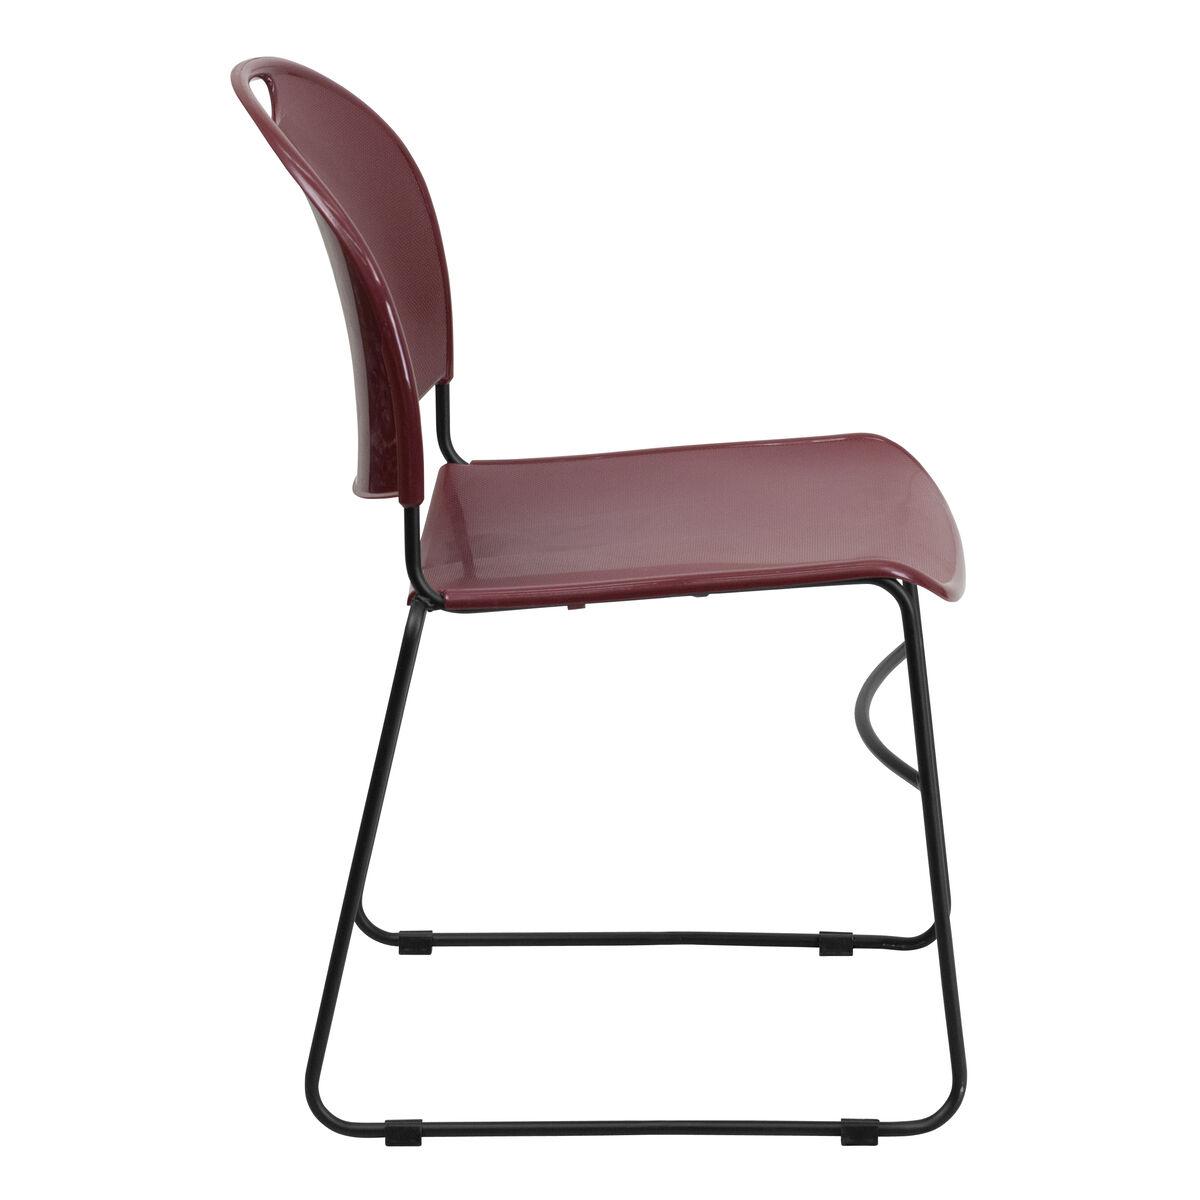 burg stack chair black frame rut 188 by gg. Black Bedroom Furniture Sets. Home Design Ideas